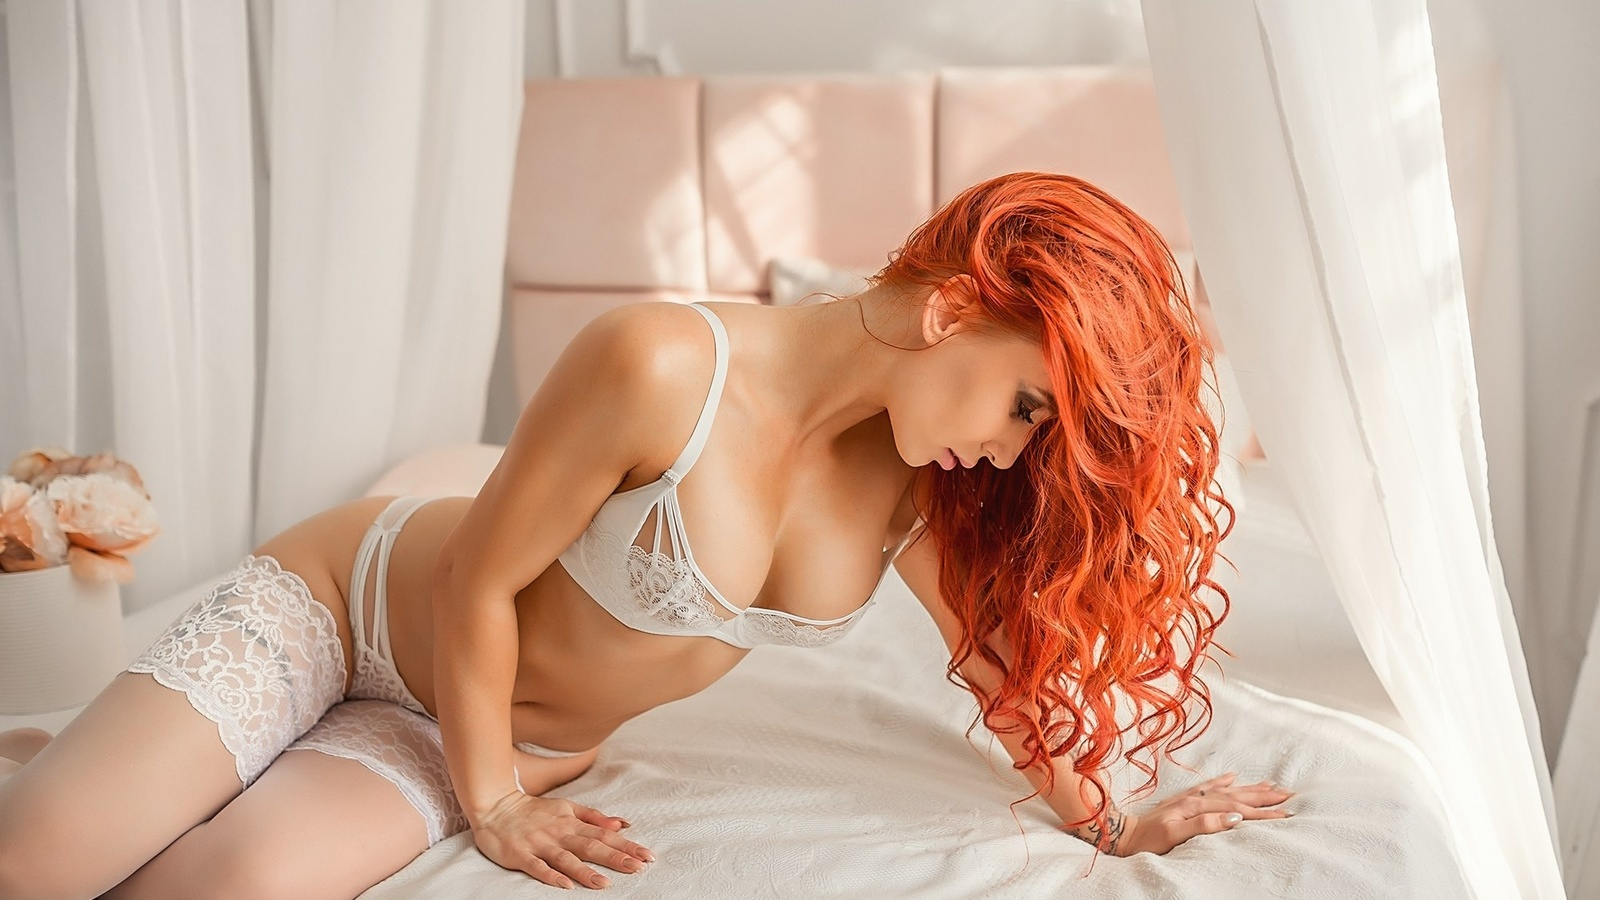 Фото рыжие шлюхи, Рыжие порно секс фото, секс с рыжимы девахами 24 фотография